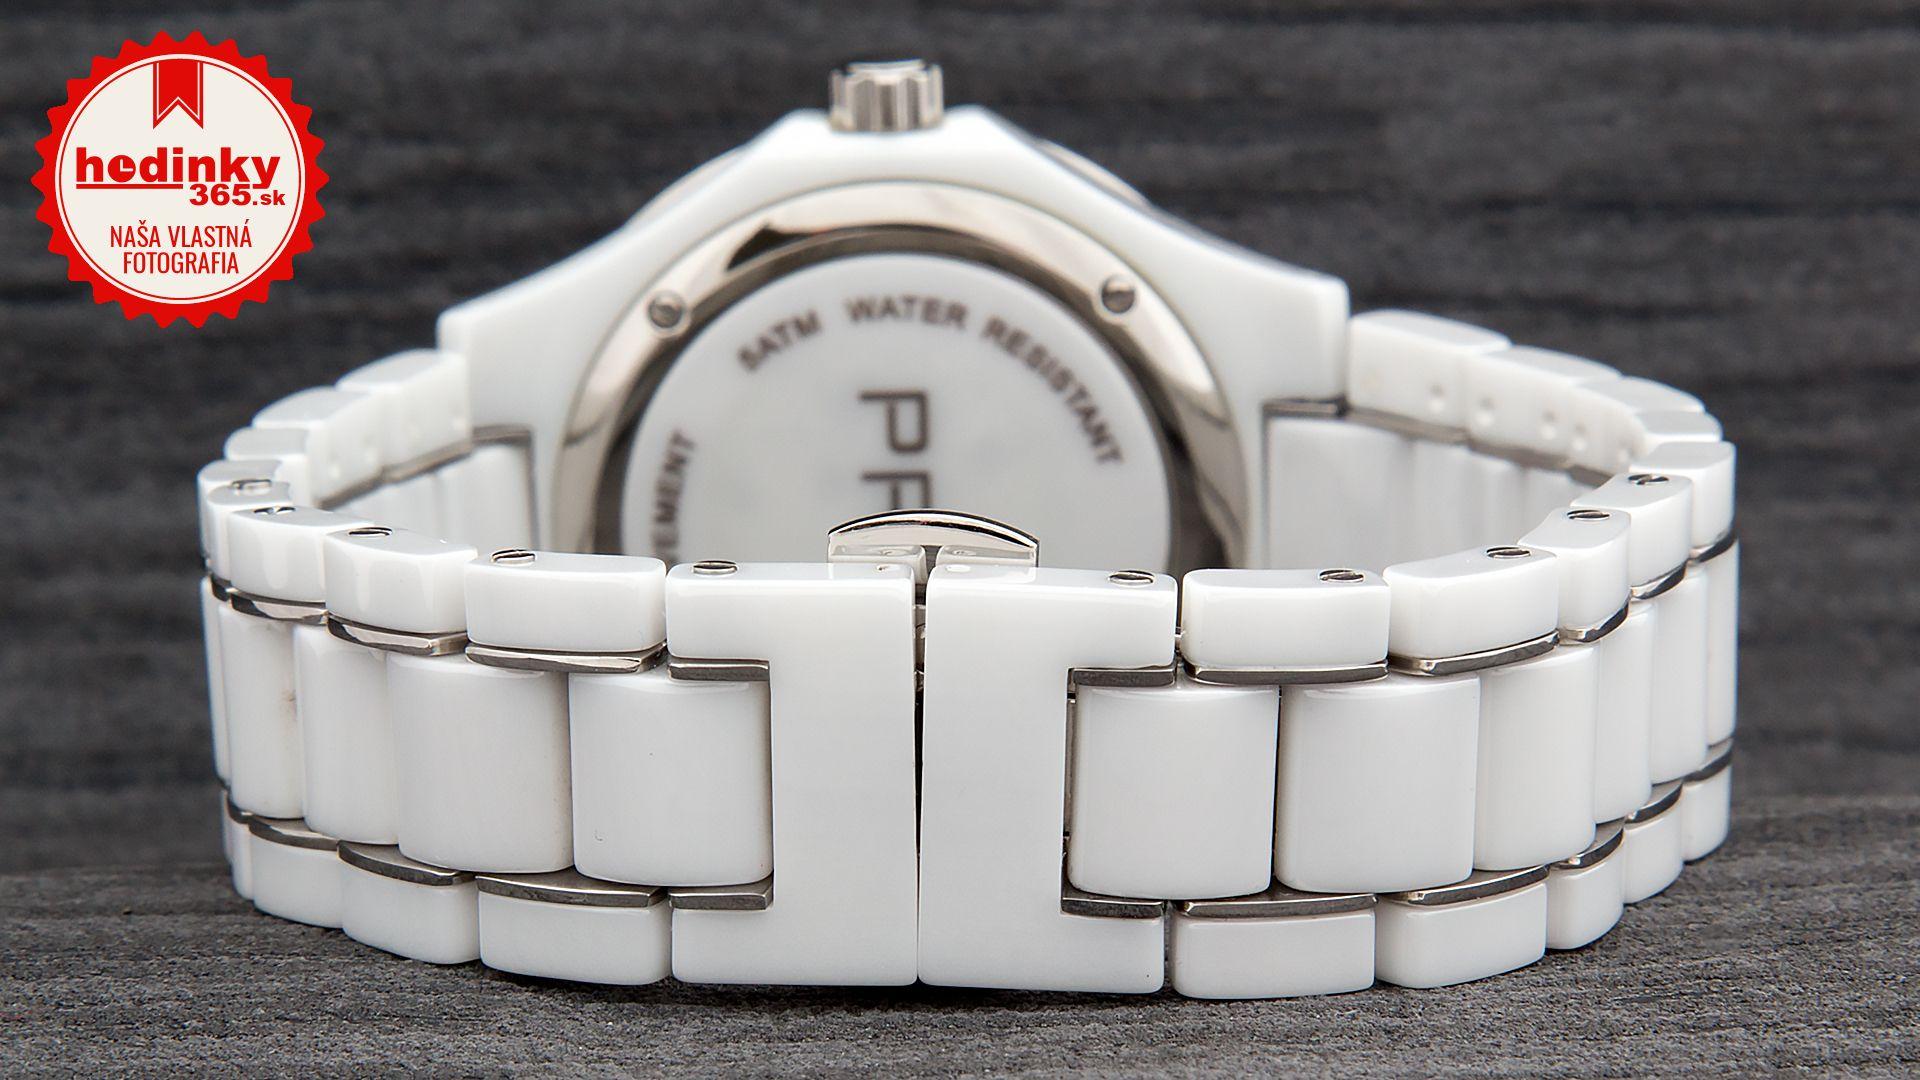 a4c900bae Dámske hodinky - keramický remienok, keramika puzdro, minerálne sklíčko.  Všetky technické parametre nájdete nižšie